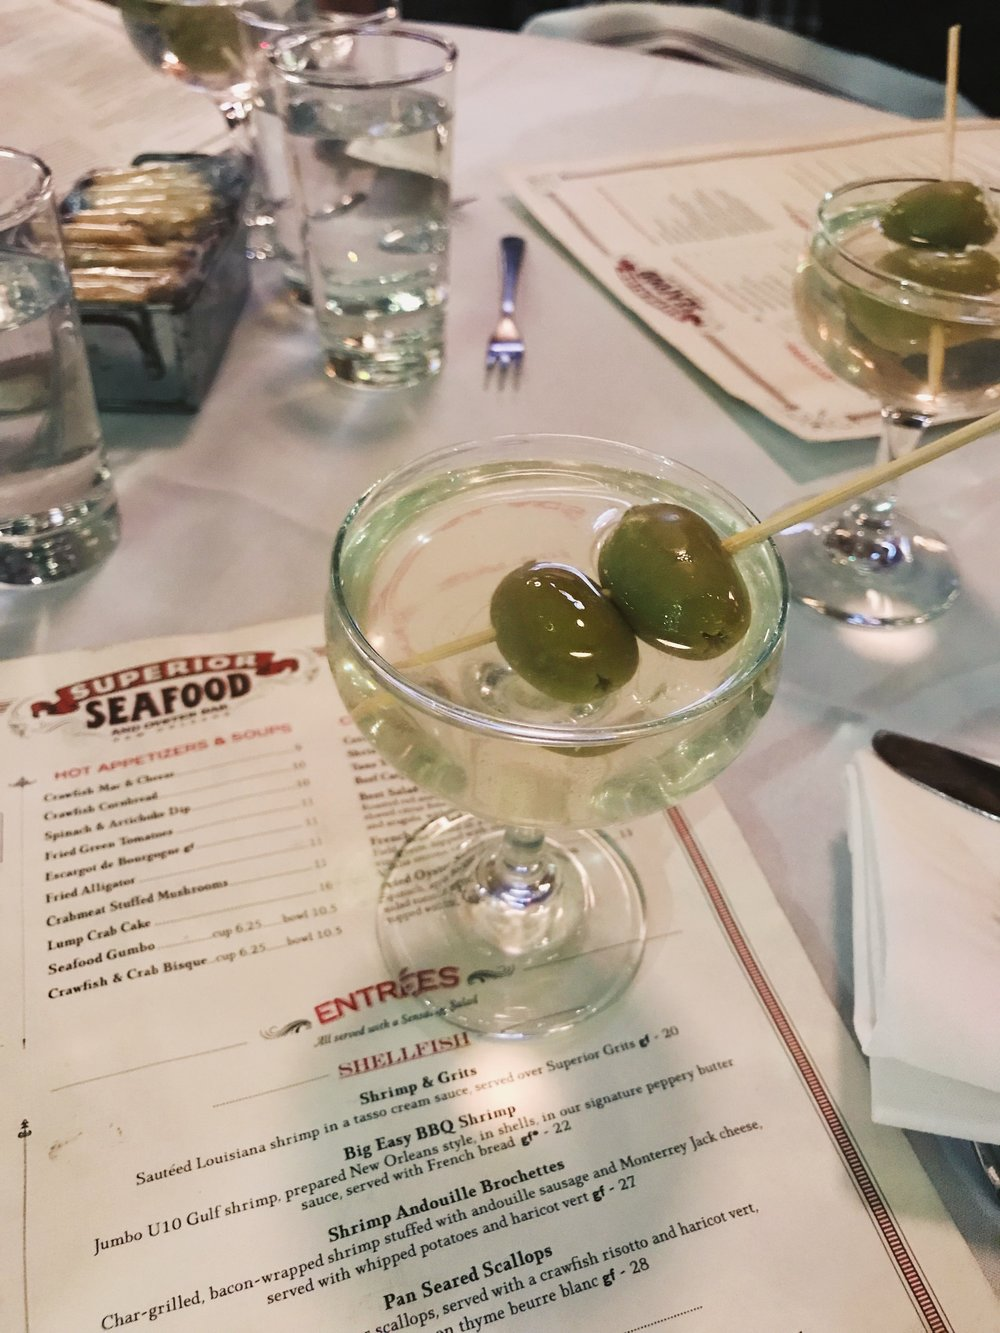 martini-superior-seafood-new-orleans-travel-blog-lauren-schwaiger.jpg